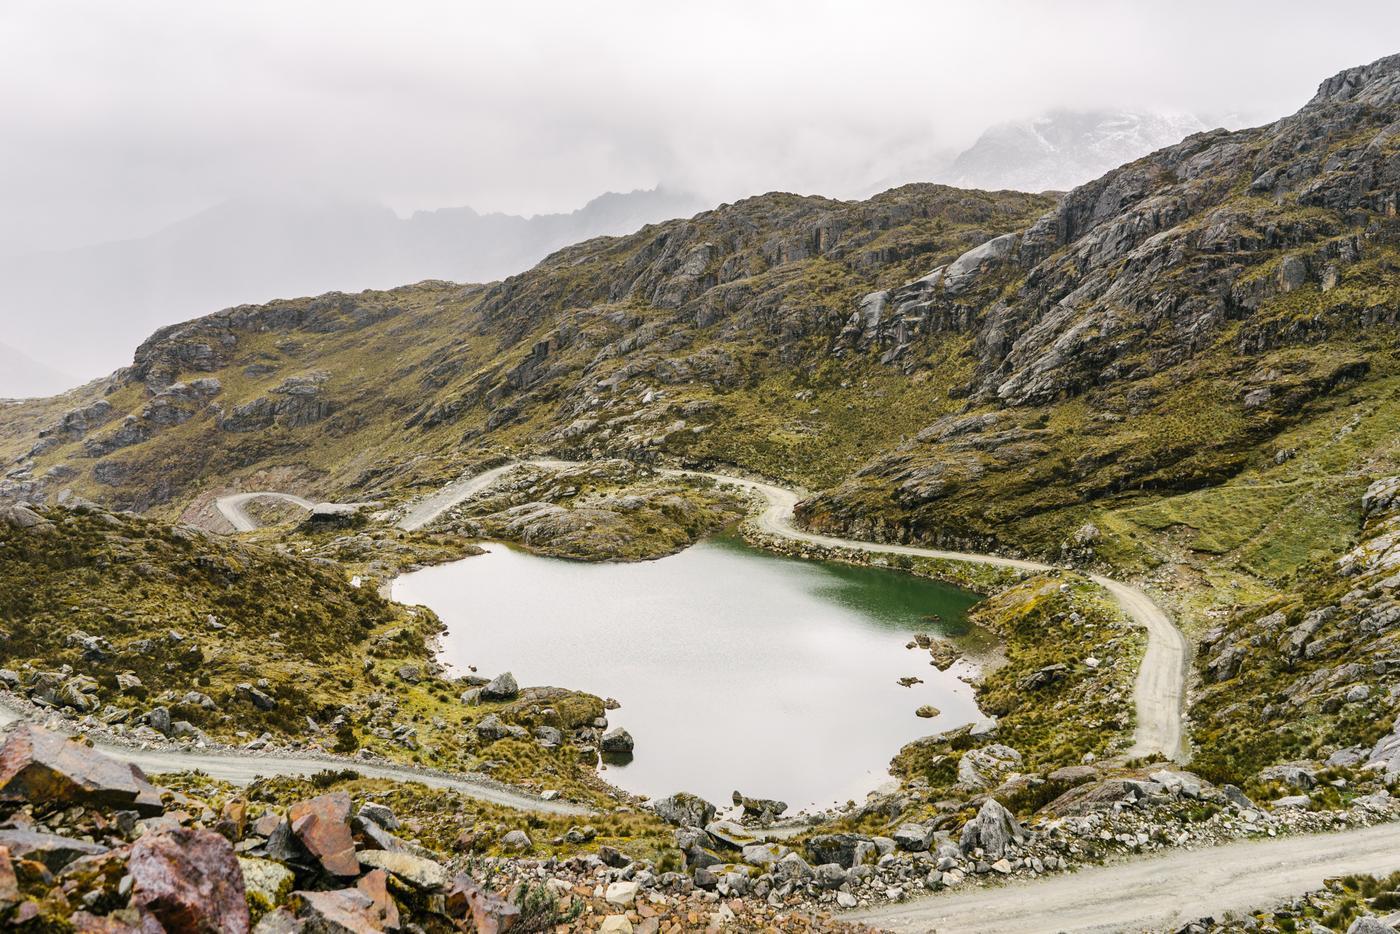 Coming Tomorrow: Ryan Wilson's Peru Photos